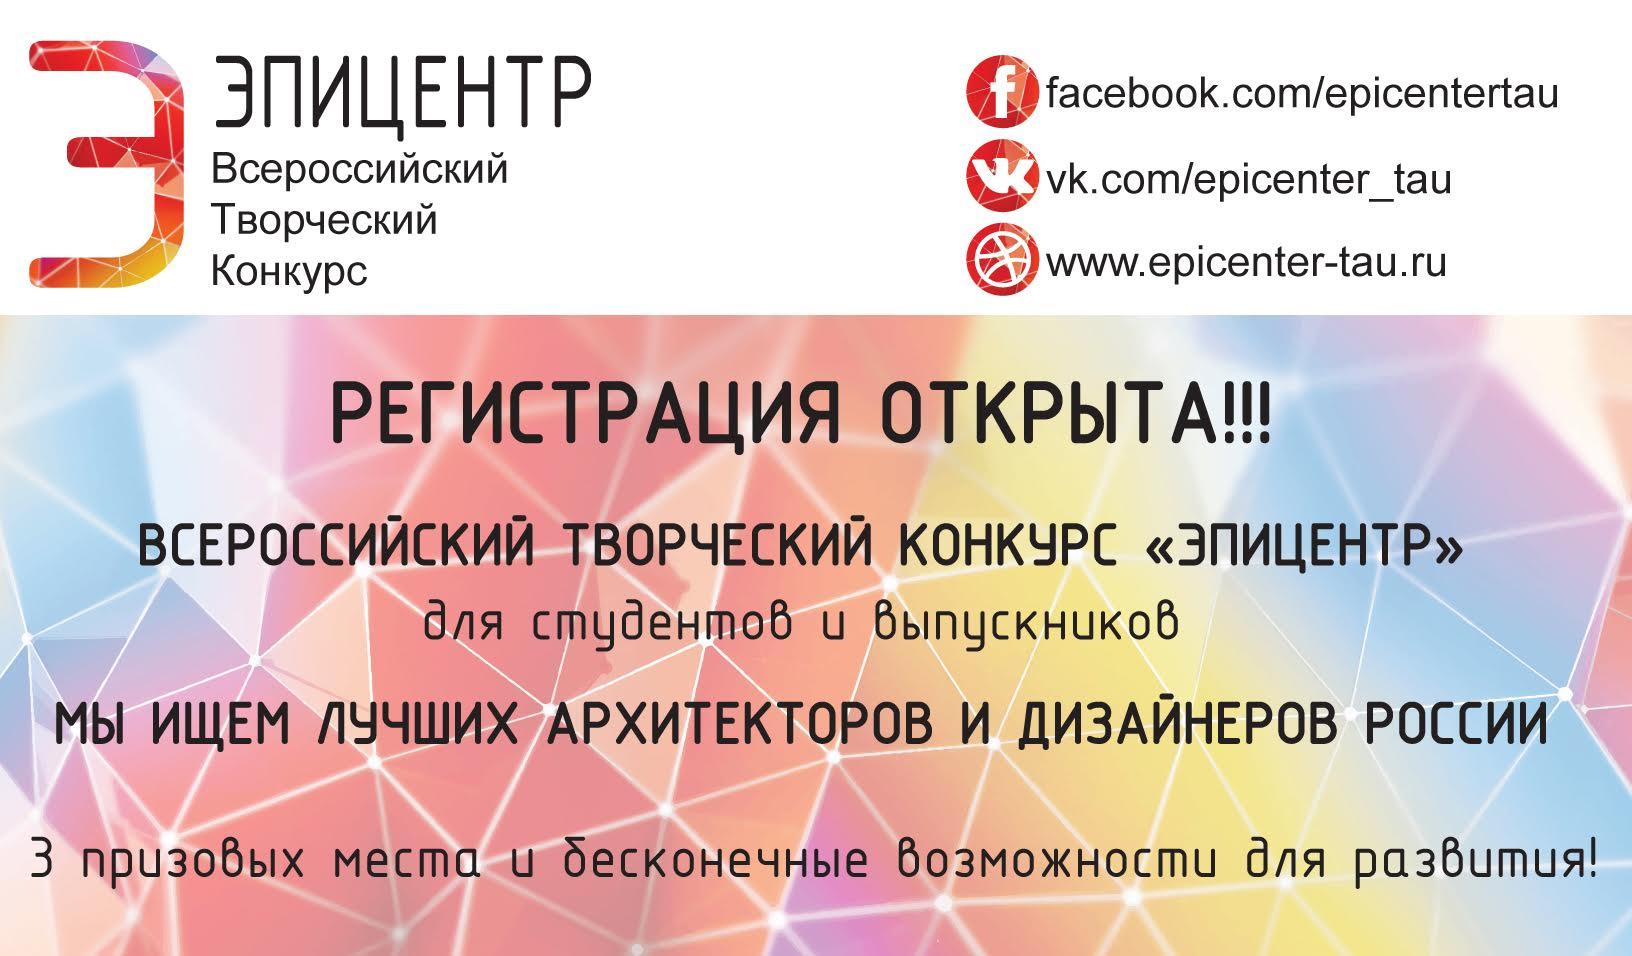 kipw_mqnx0g